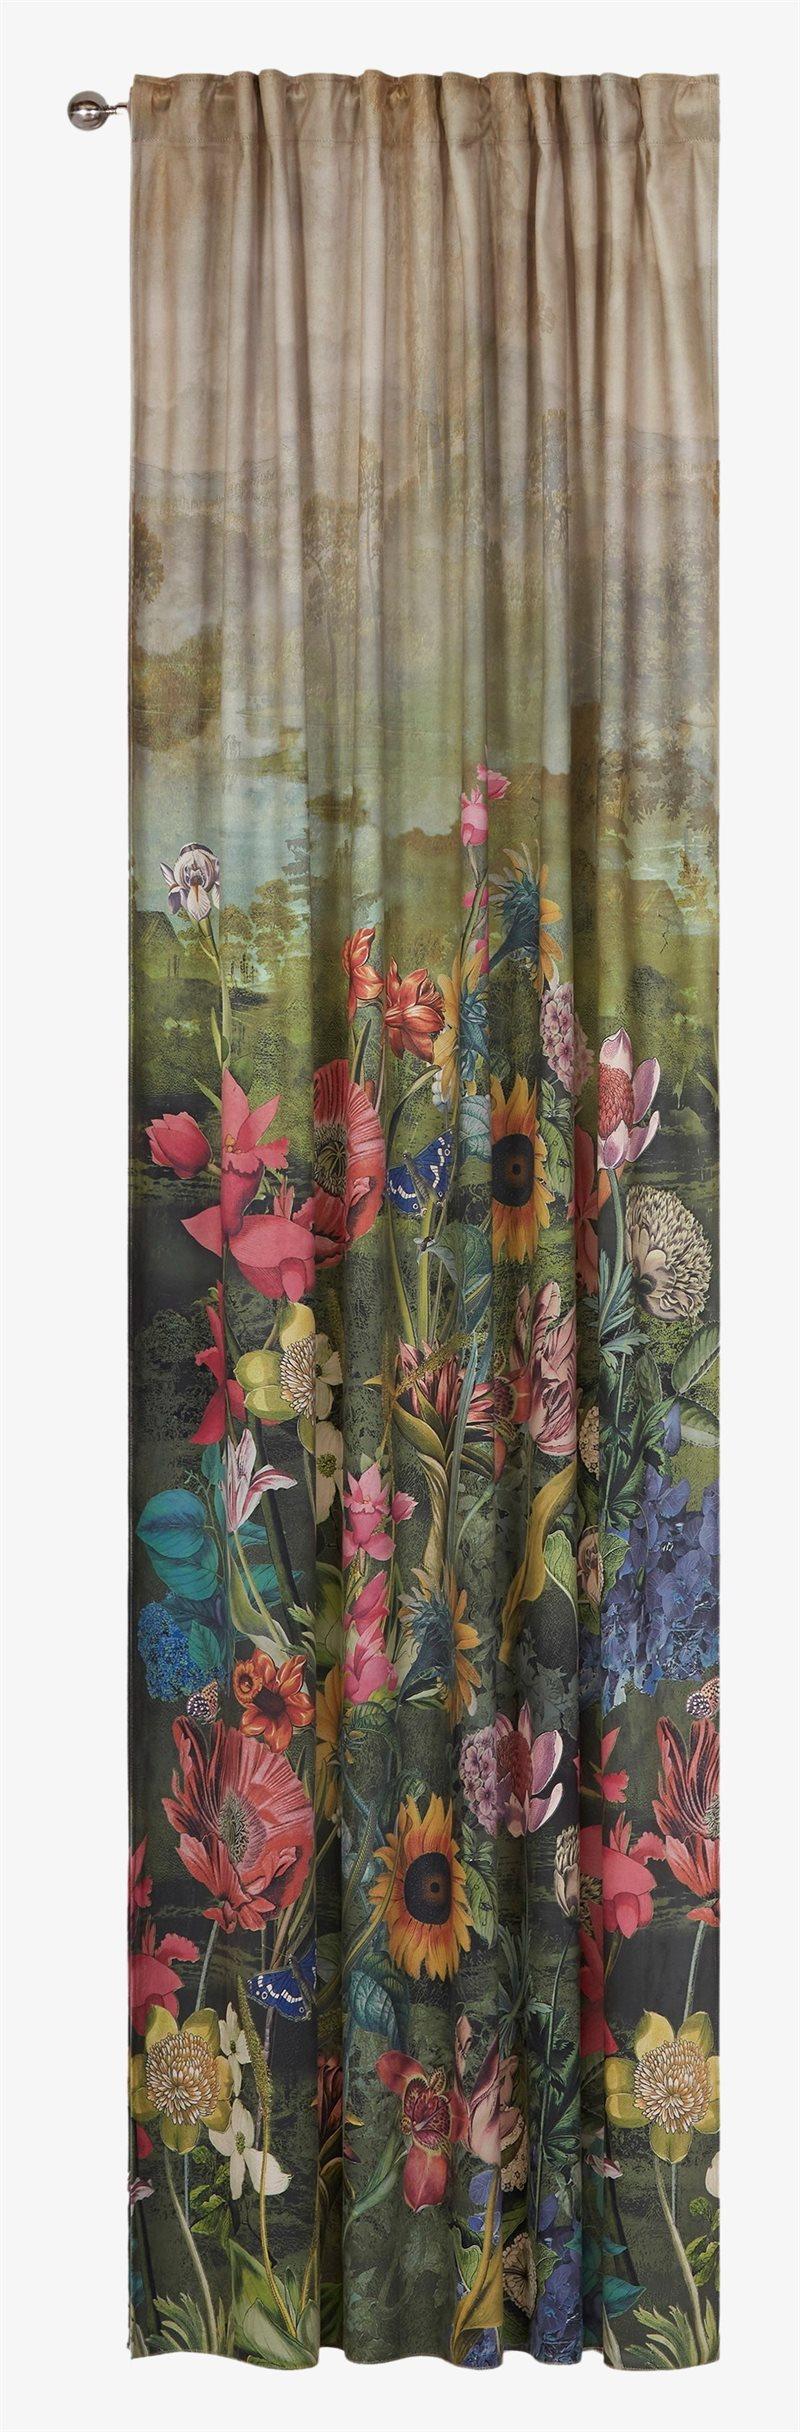 Monet kukkakuvioinen samettiverho Monet 2 kpl/pakkaus